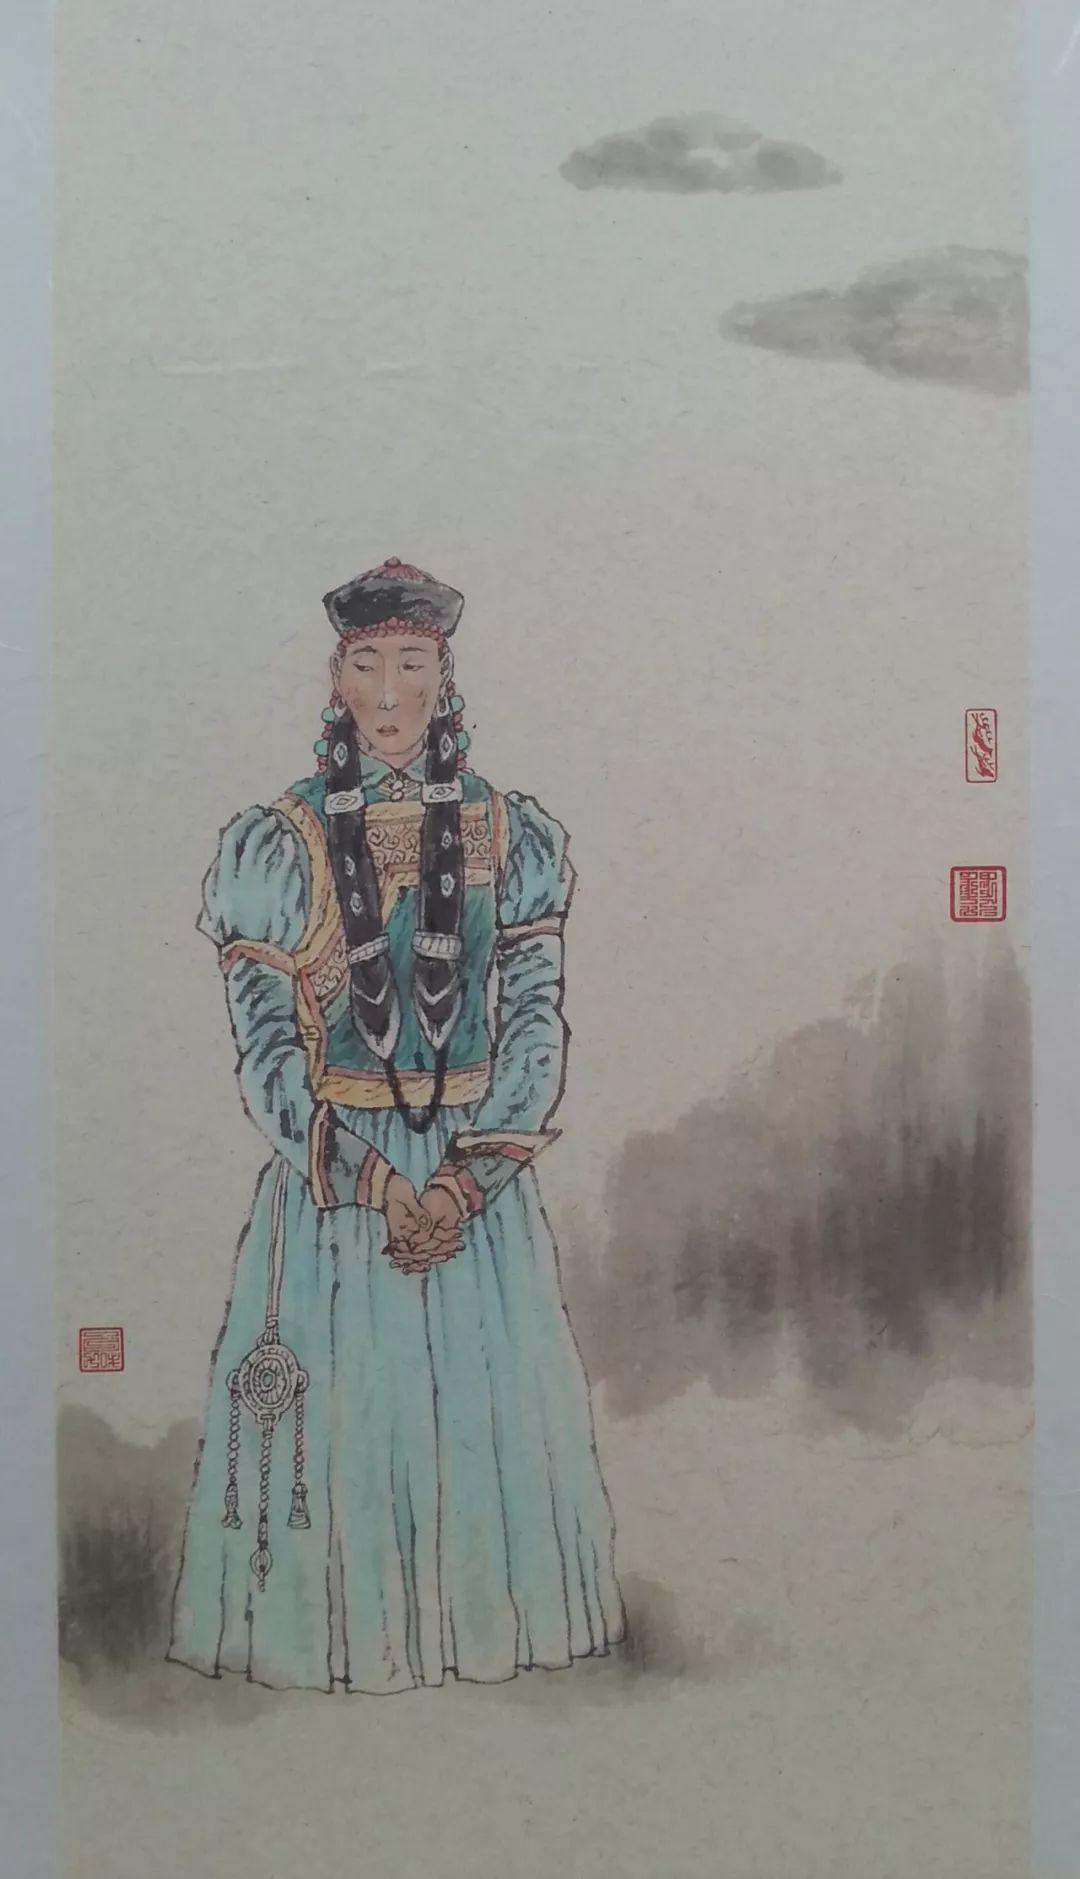 内蒙古当代美术家系列——白嘎力中国画作品选 第3张 内蒙古当代美术家系列——白嘎力中国画作品选 蒙古画廊